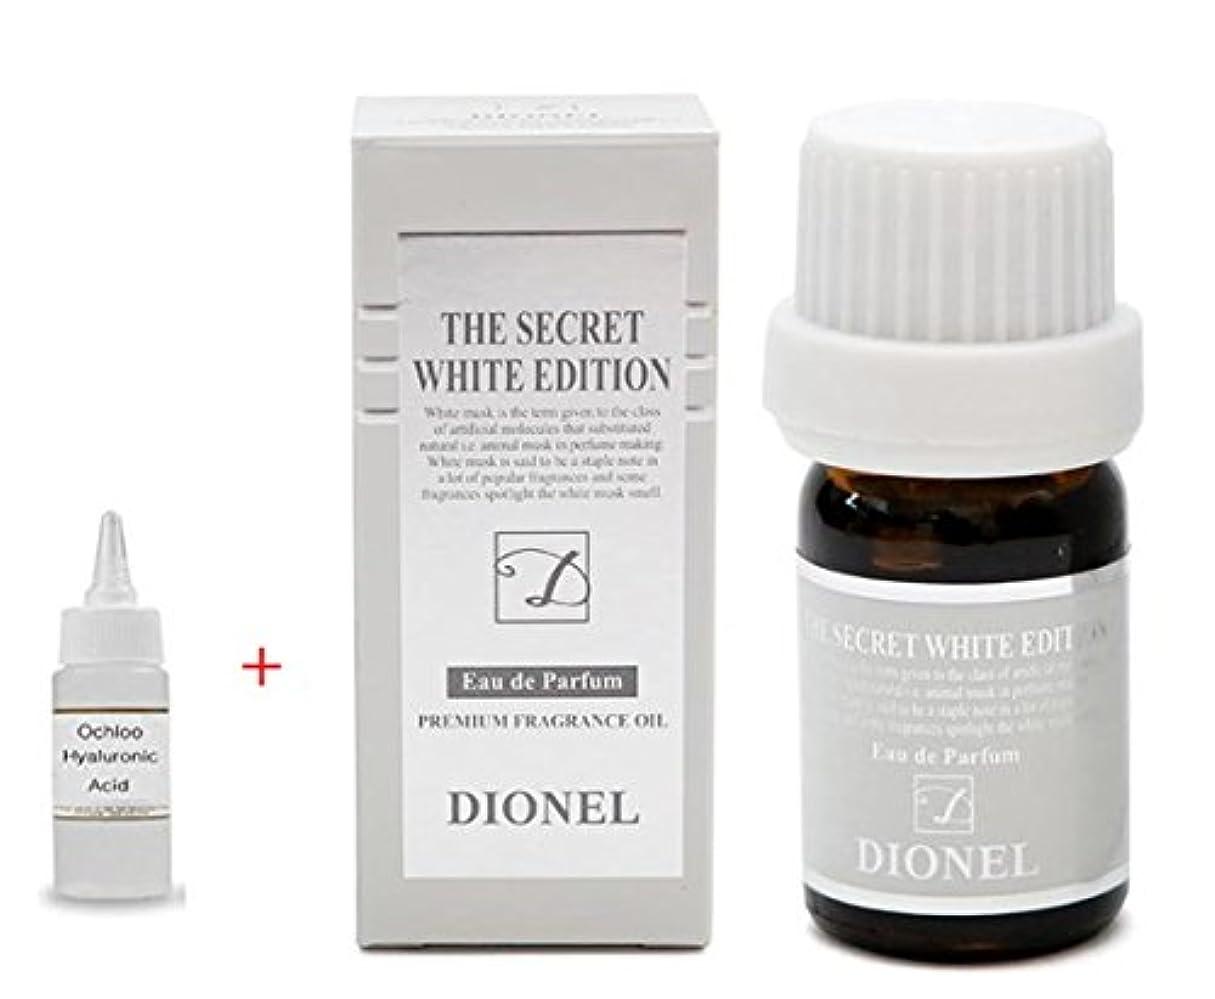 衛星イノセンス隙間[Dionel] 香水のような女性清潔剤、プレミアムアロマエッセンス Love Secret White Edition Dionel 5ml. ラブブラックエディション、一滴の奇跡. Made in Korea + +...